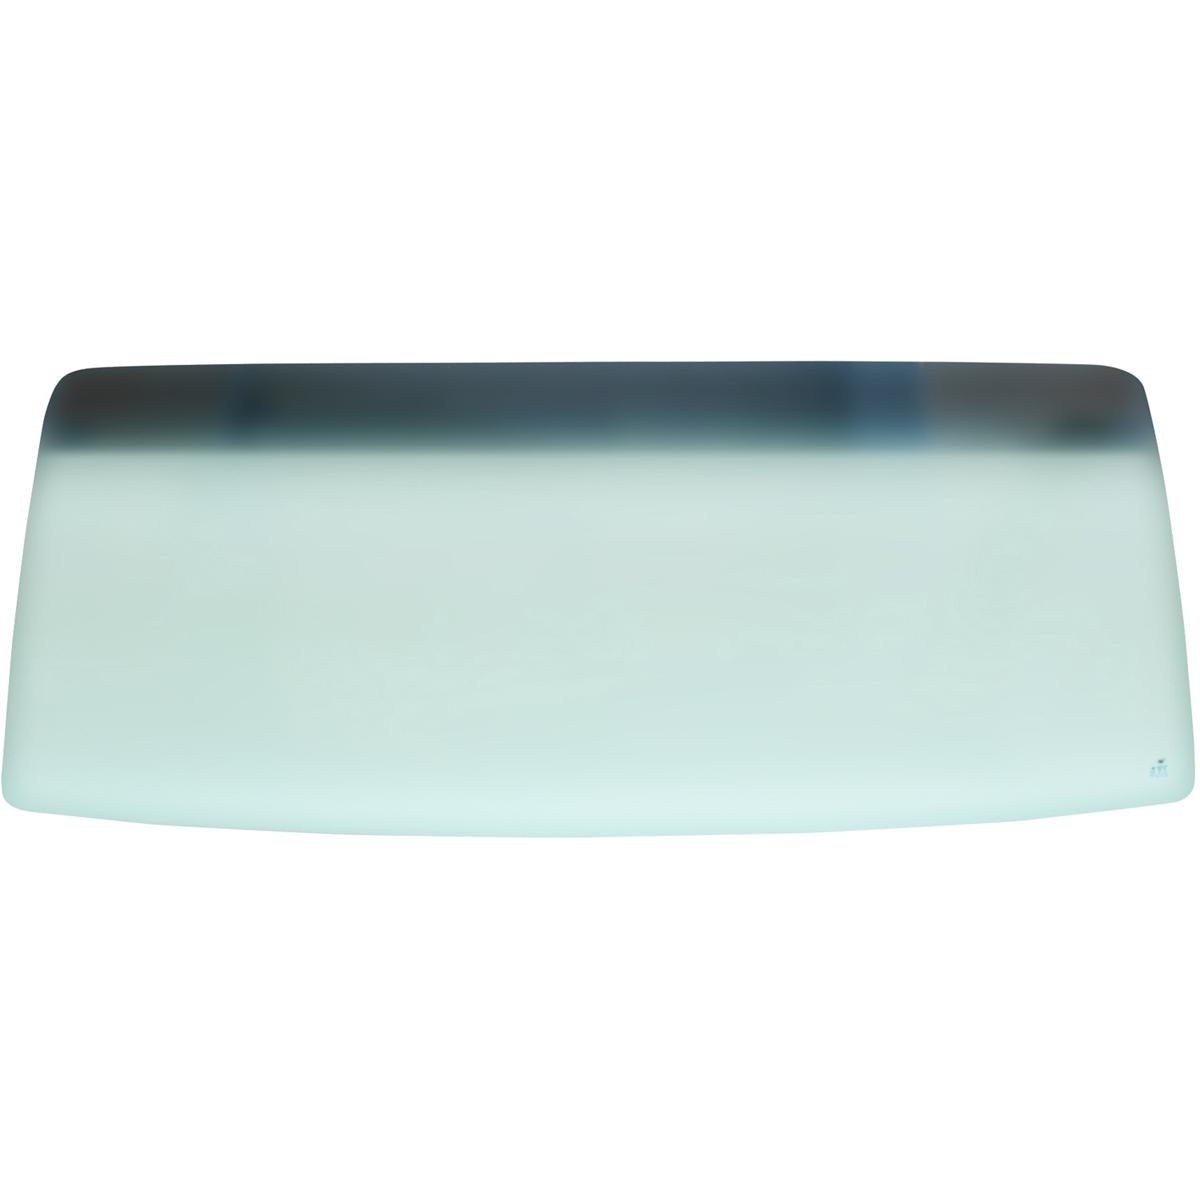 日産 クオン(久遠) G105用フロントガラス 車両型式:CD/F/G/K/V/W/X/Z/GK/W 年式:H.16.11- ガラス型式:G105/G150 ガラス色:グリーン ボカシ:ブルー